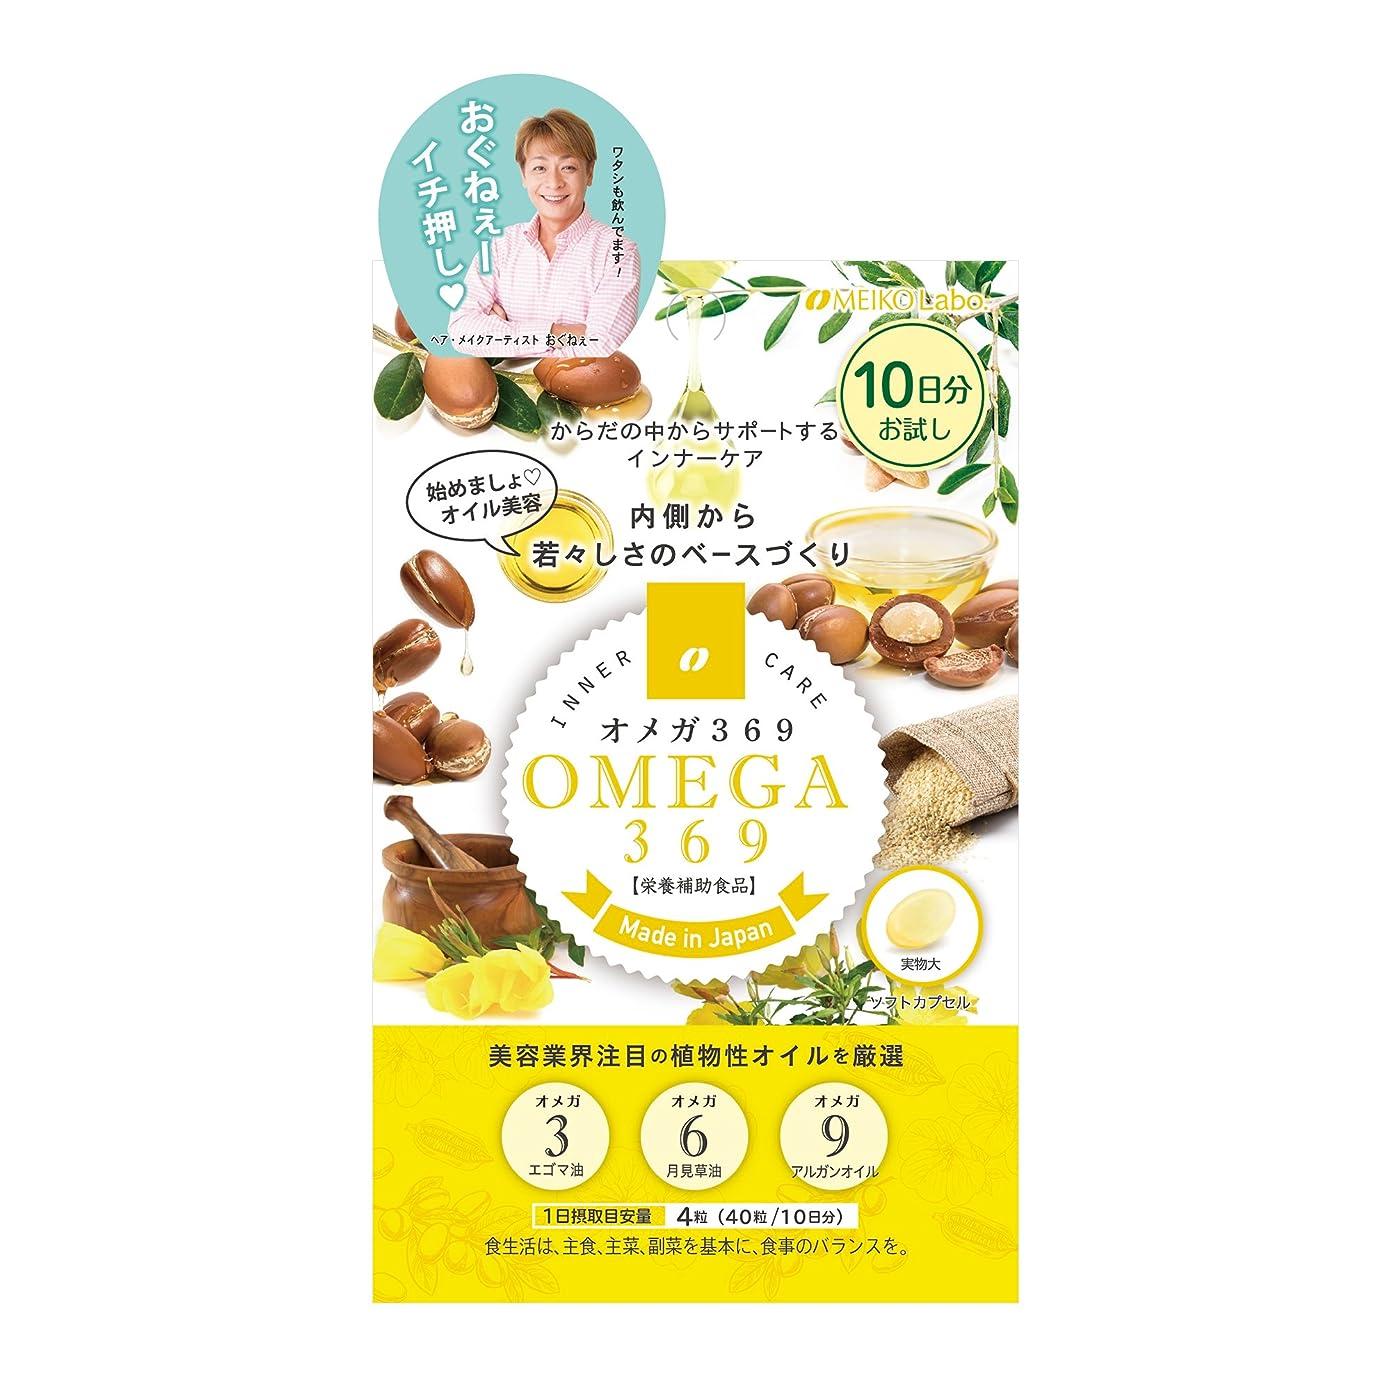 フレームワーク利点高架オメガ3 6 9 10日分 40粒 サプリメント お試し ( 栄養補助食品 日本製 ) 【 メイコーラボ 】